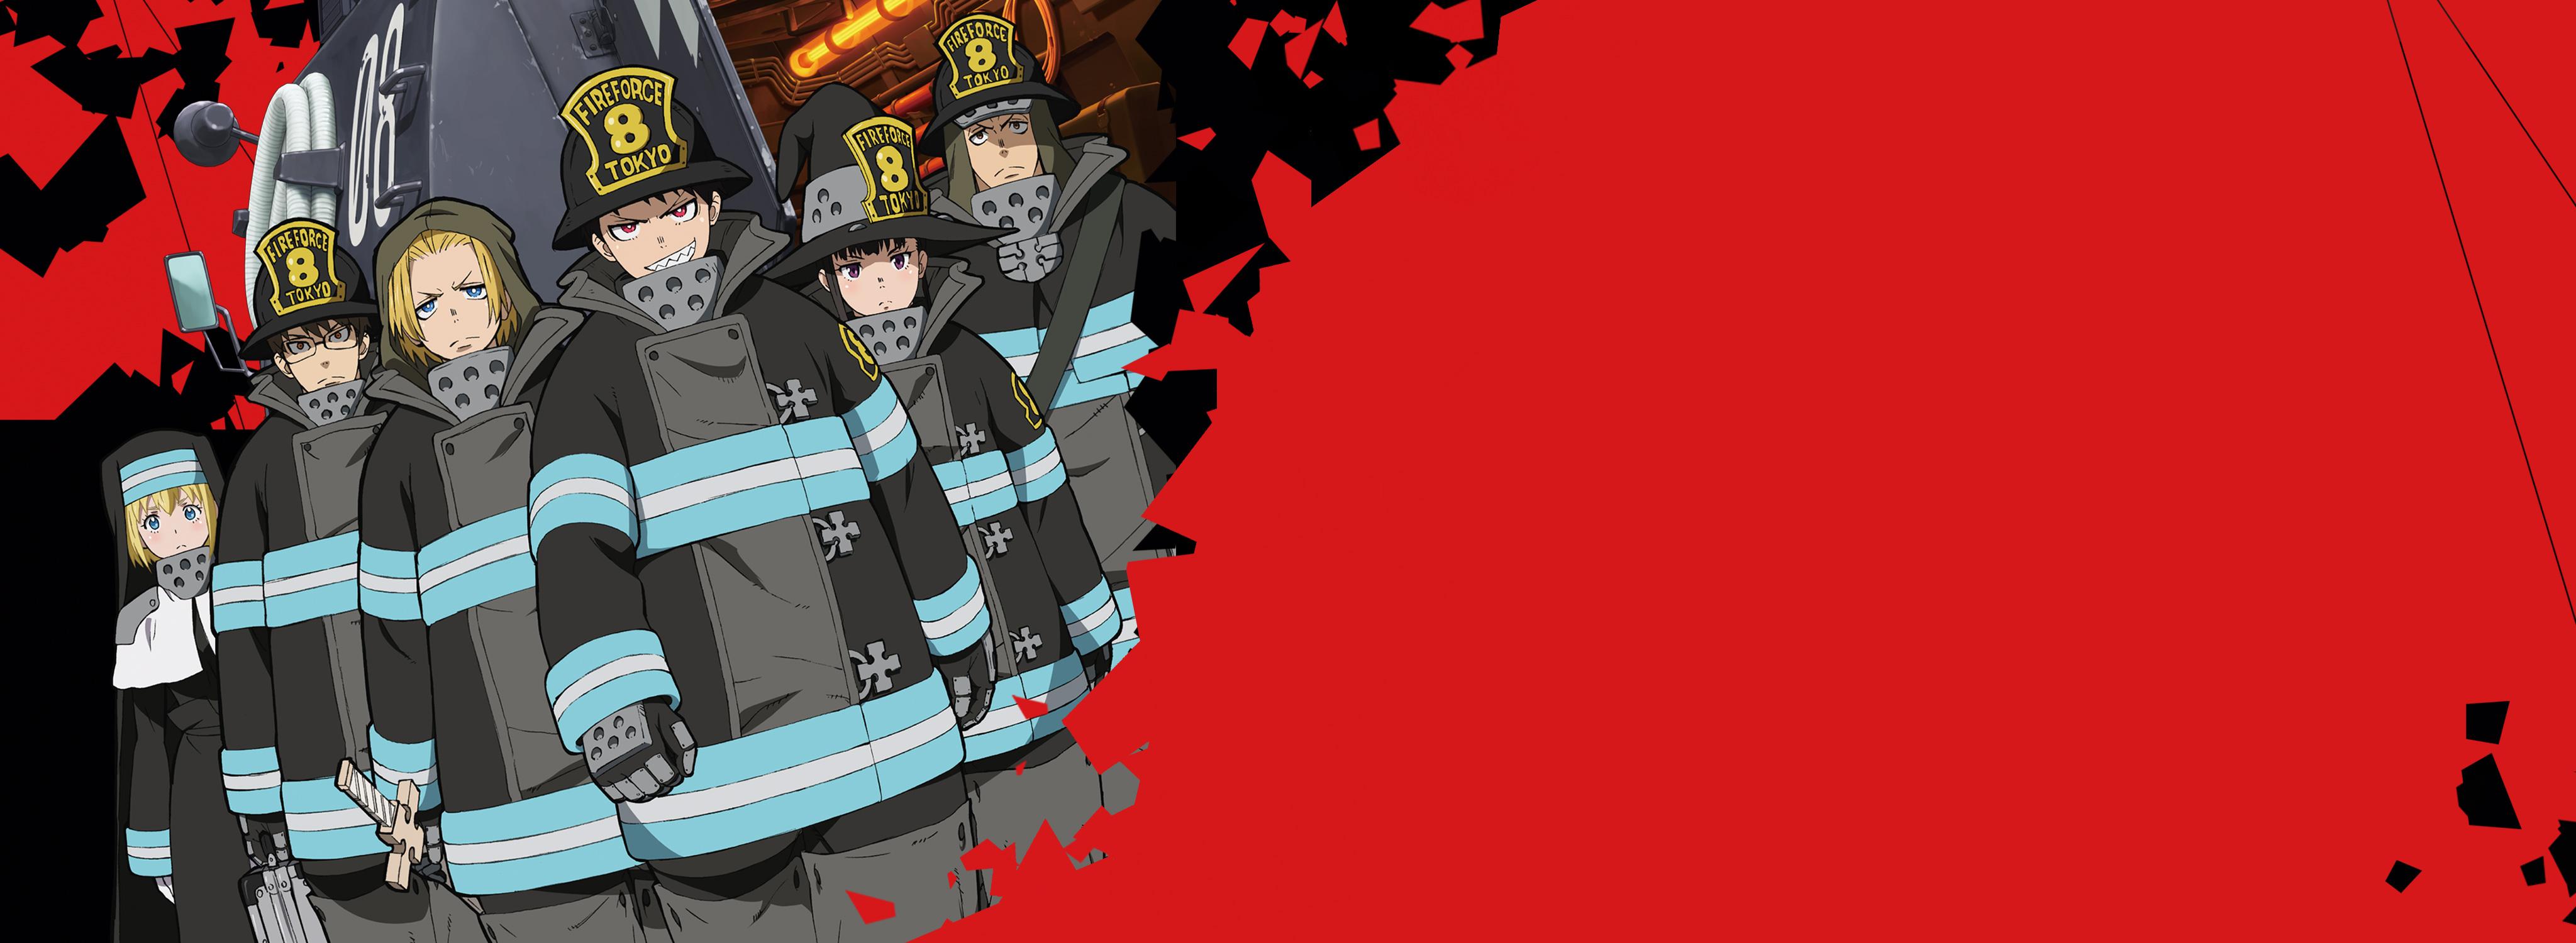 Fire Force 'Enen no Shouboutai' Episode 3